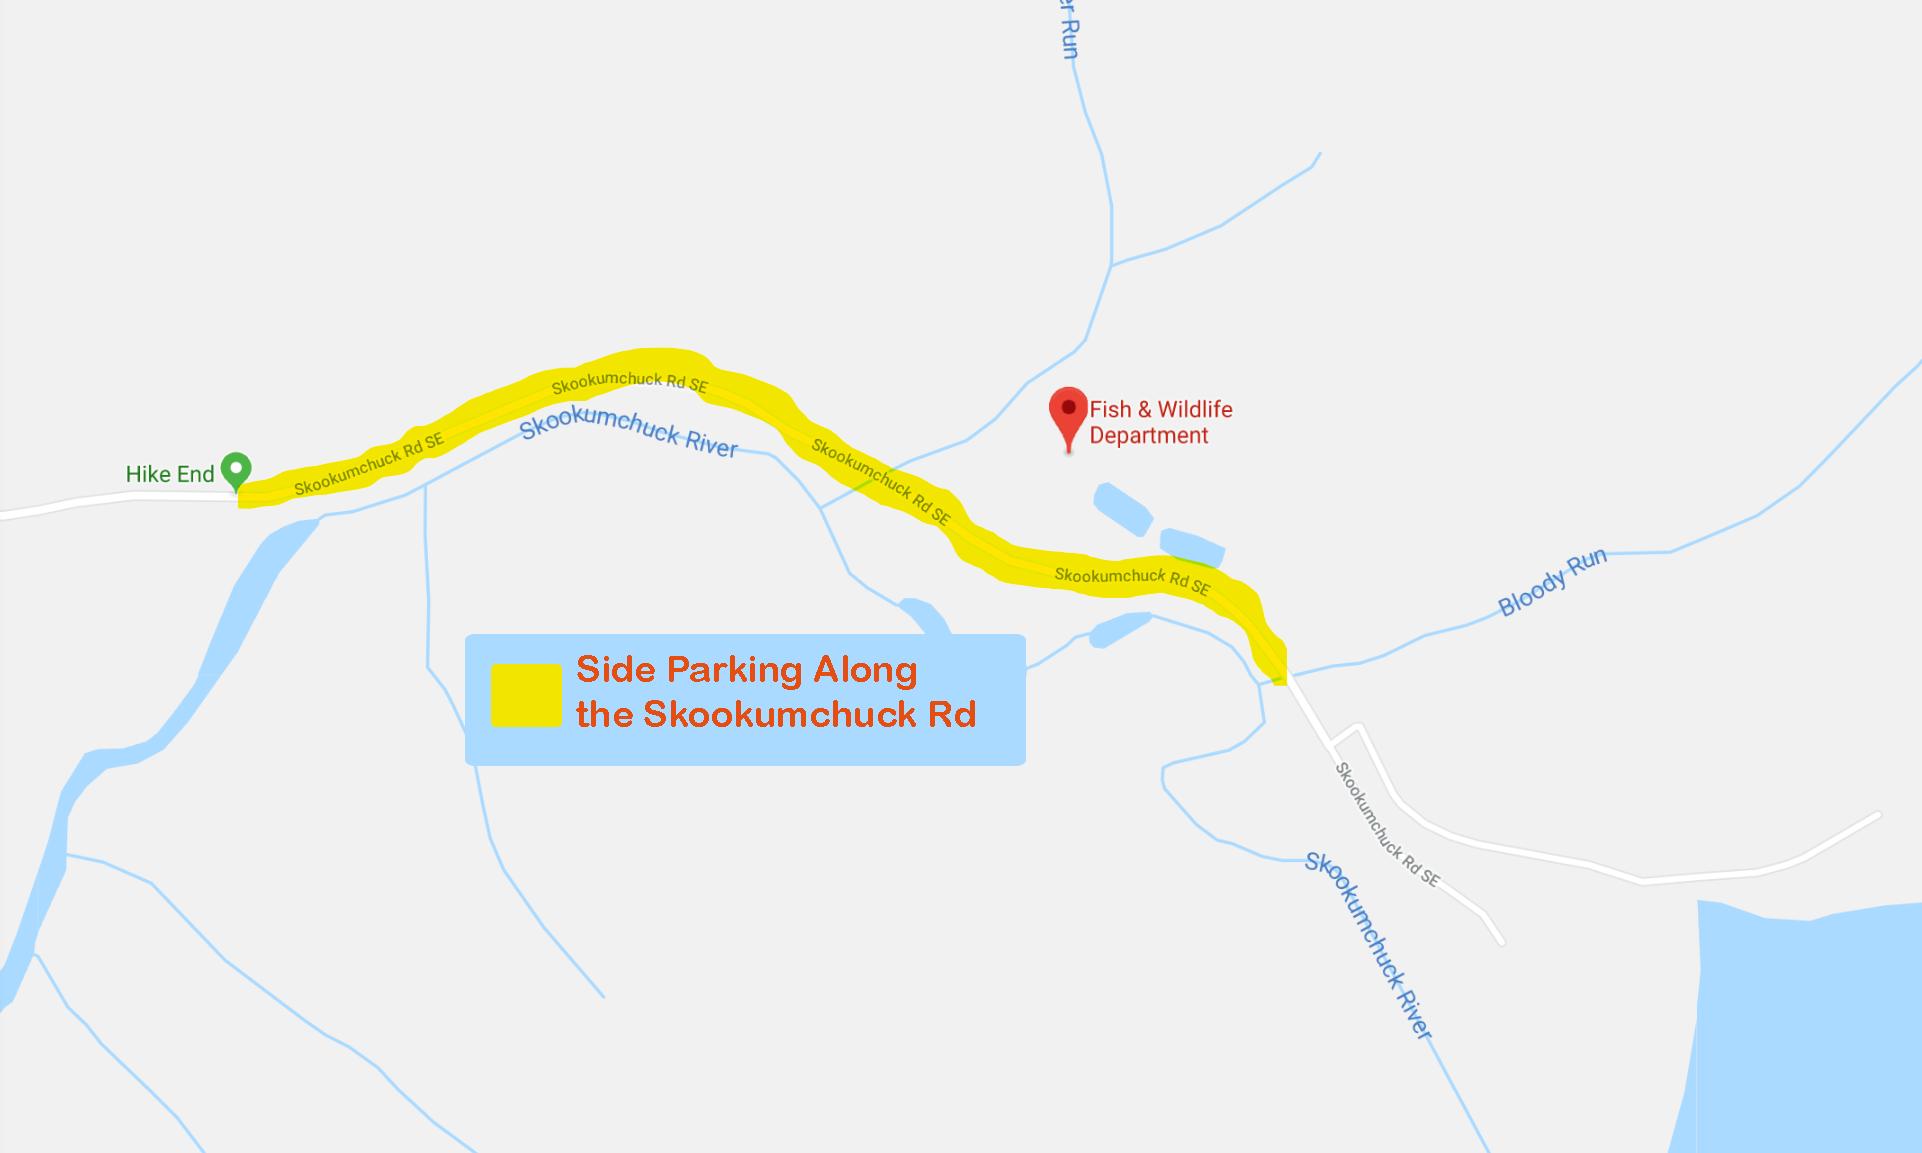 Skookumchuck River Steelhead Fishing - Fishing Wa - Fishing